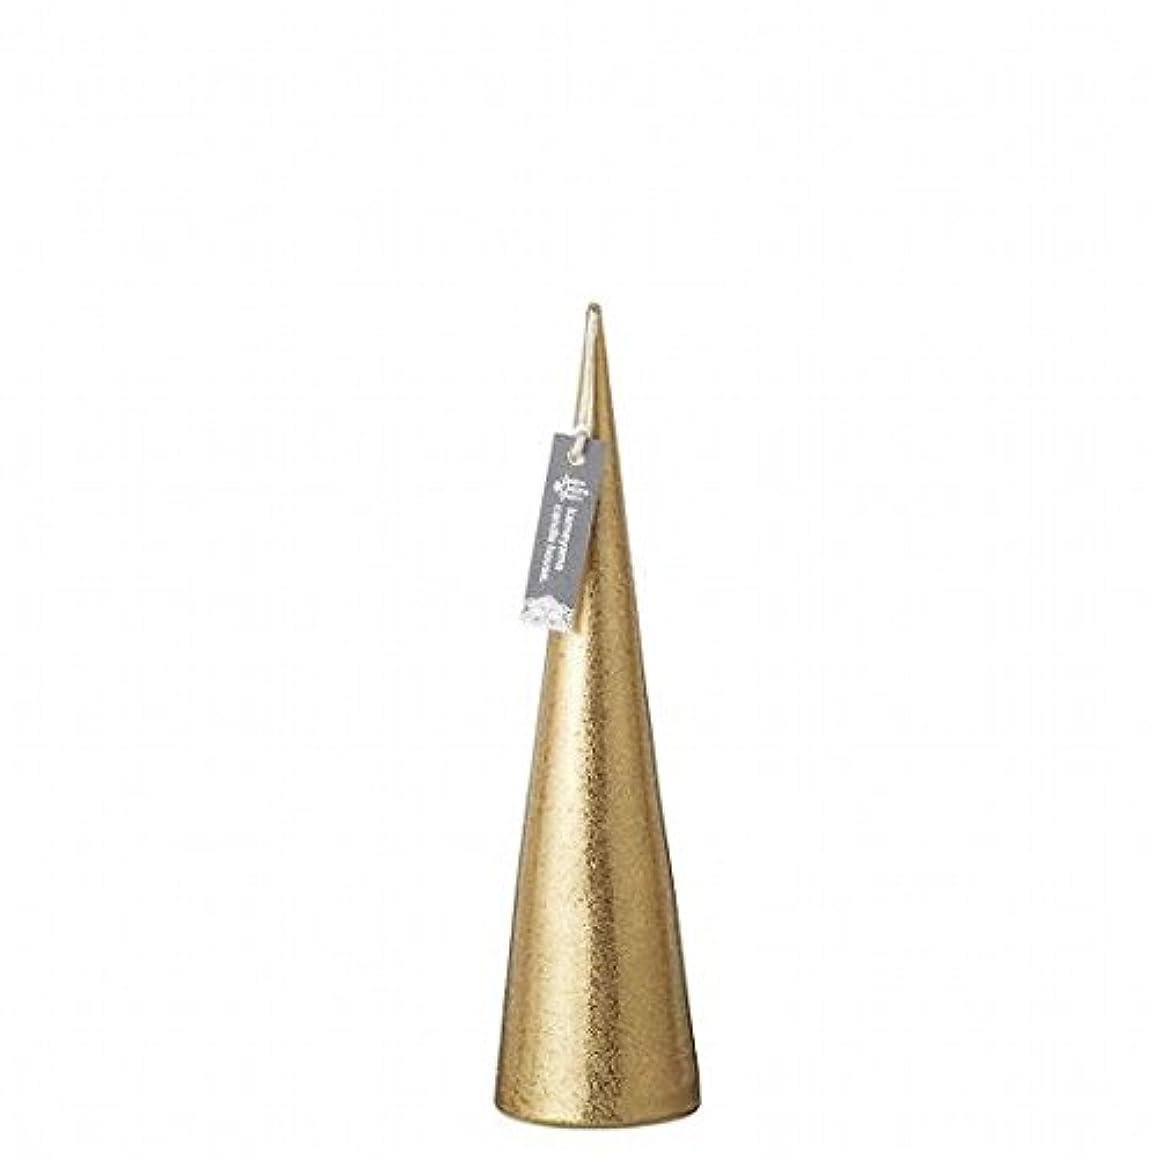 kameyama candle(カメヤマキャンドル) メタリックコーンM「 ゴールド 」(A9560110GO)